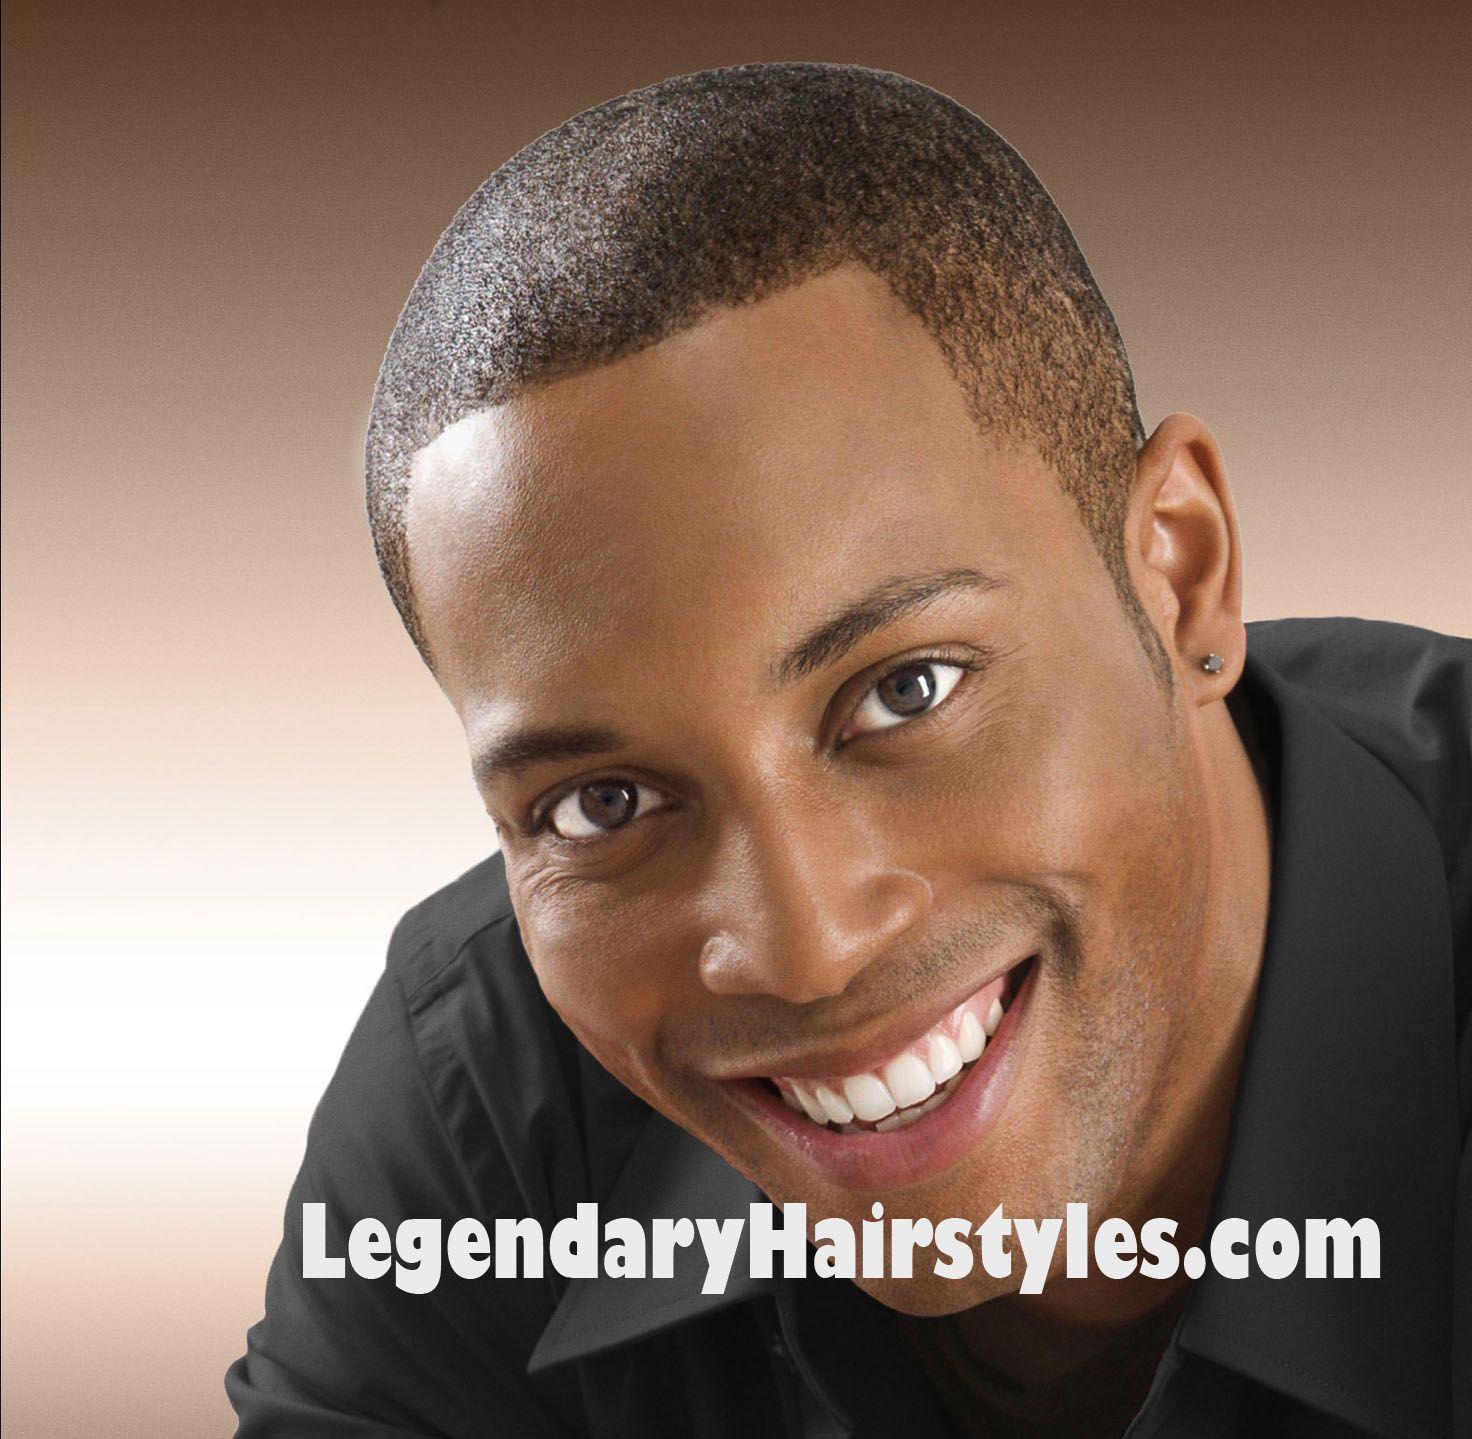 Mens cool haircuts haircuts and hairstyles  menus fashion  pinterest  haircuts